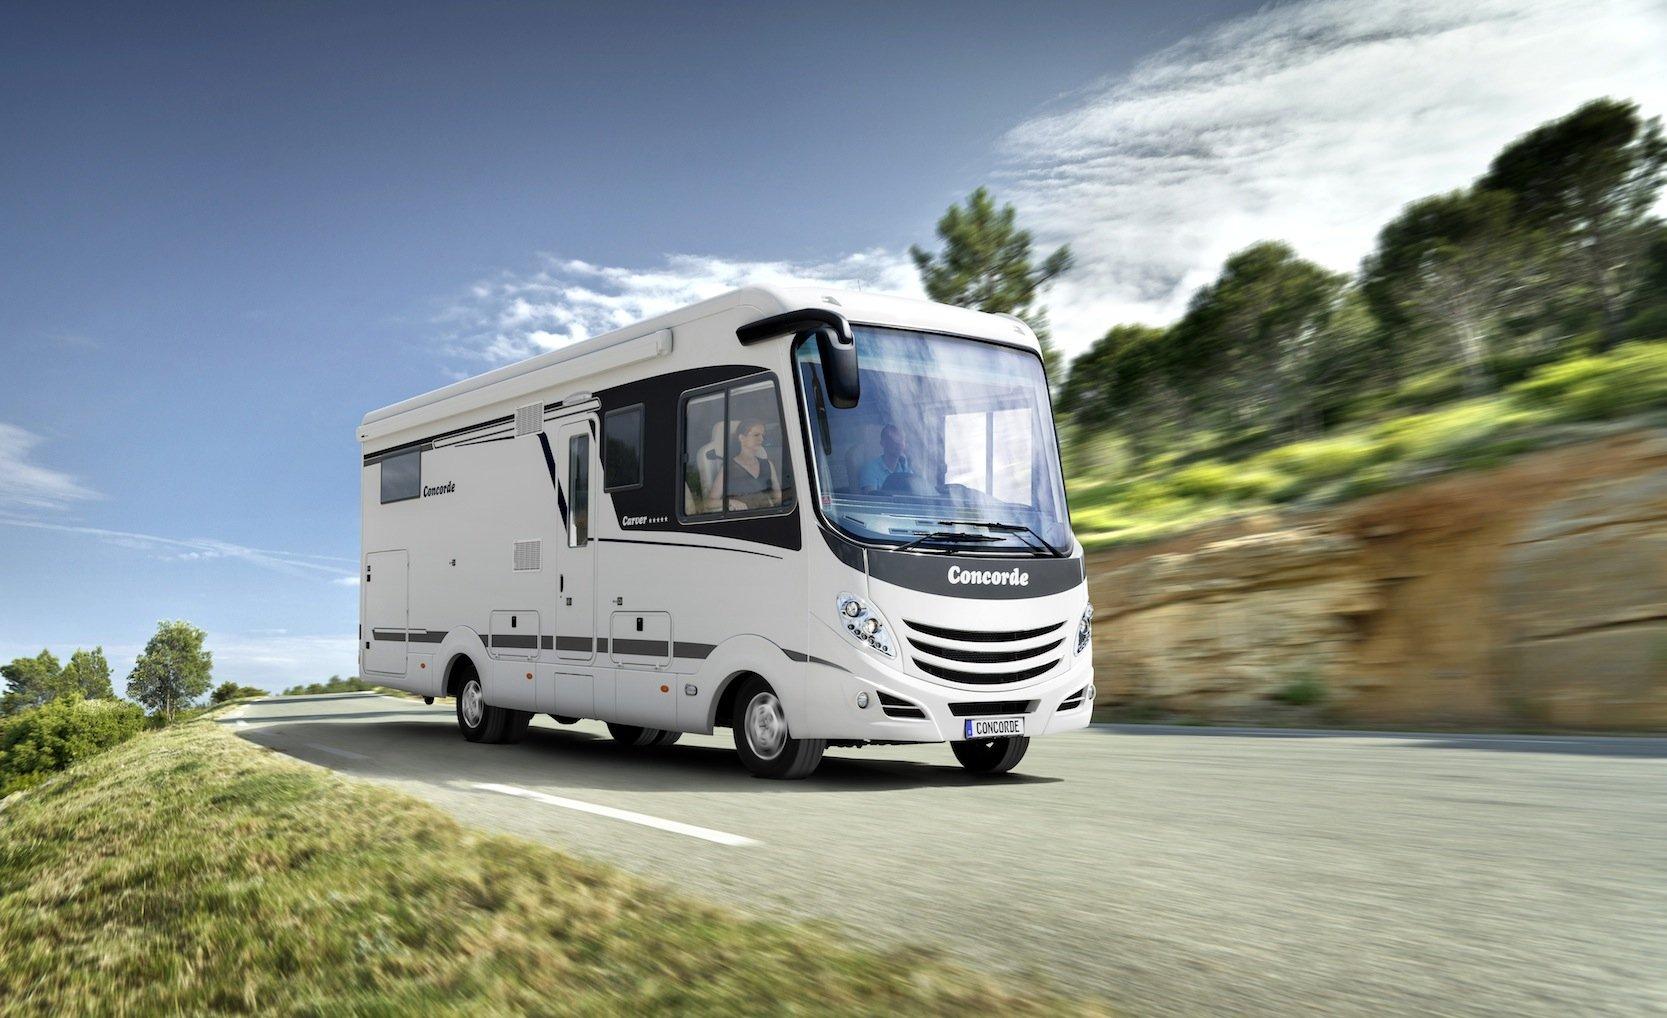 In der Basisversion kostet der neue Carver 176.890 Euro.